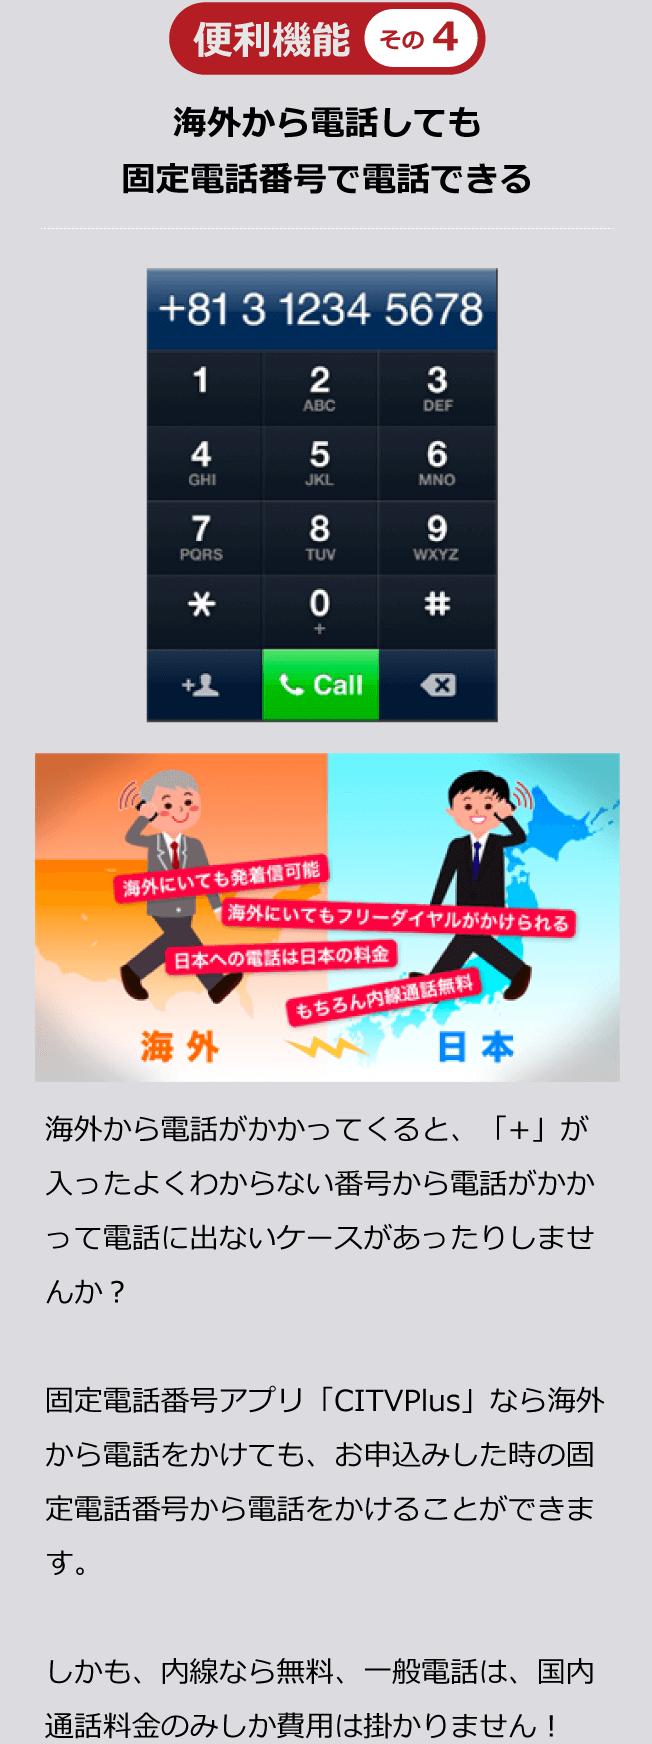 便利機能その4 海外から電話しても固定電話番号で電話できる